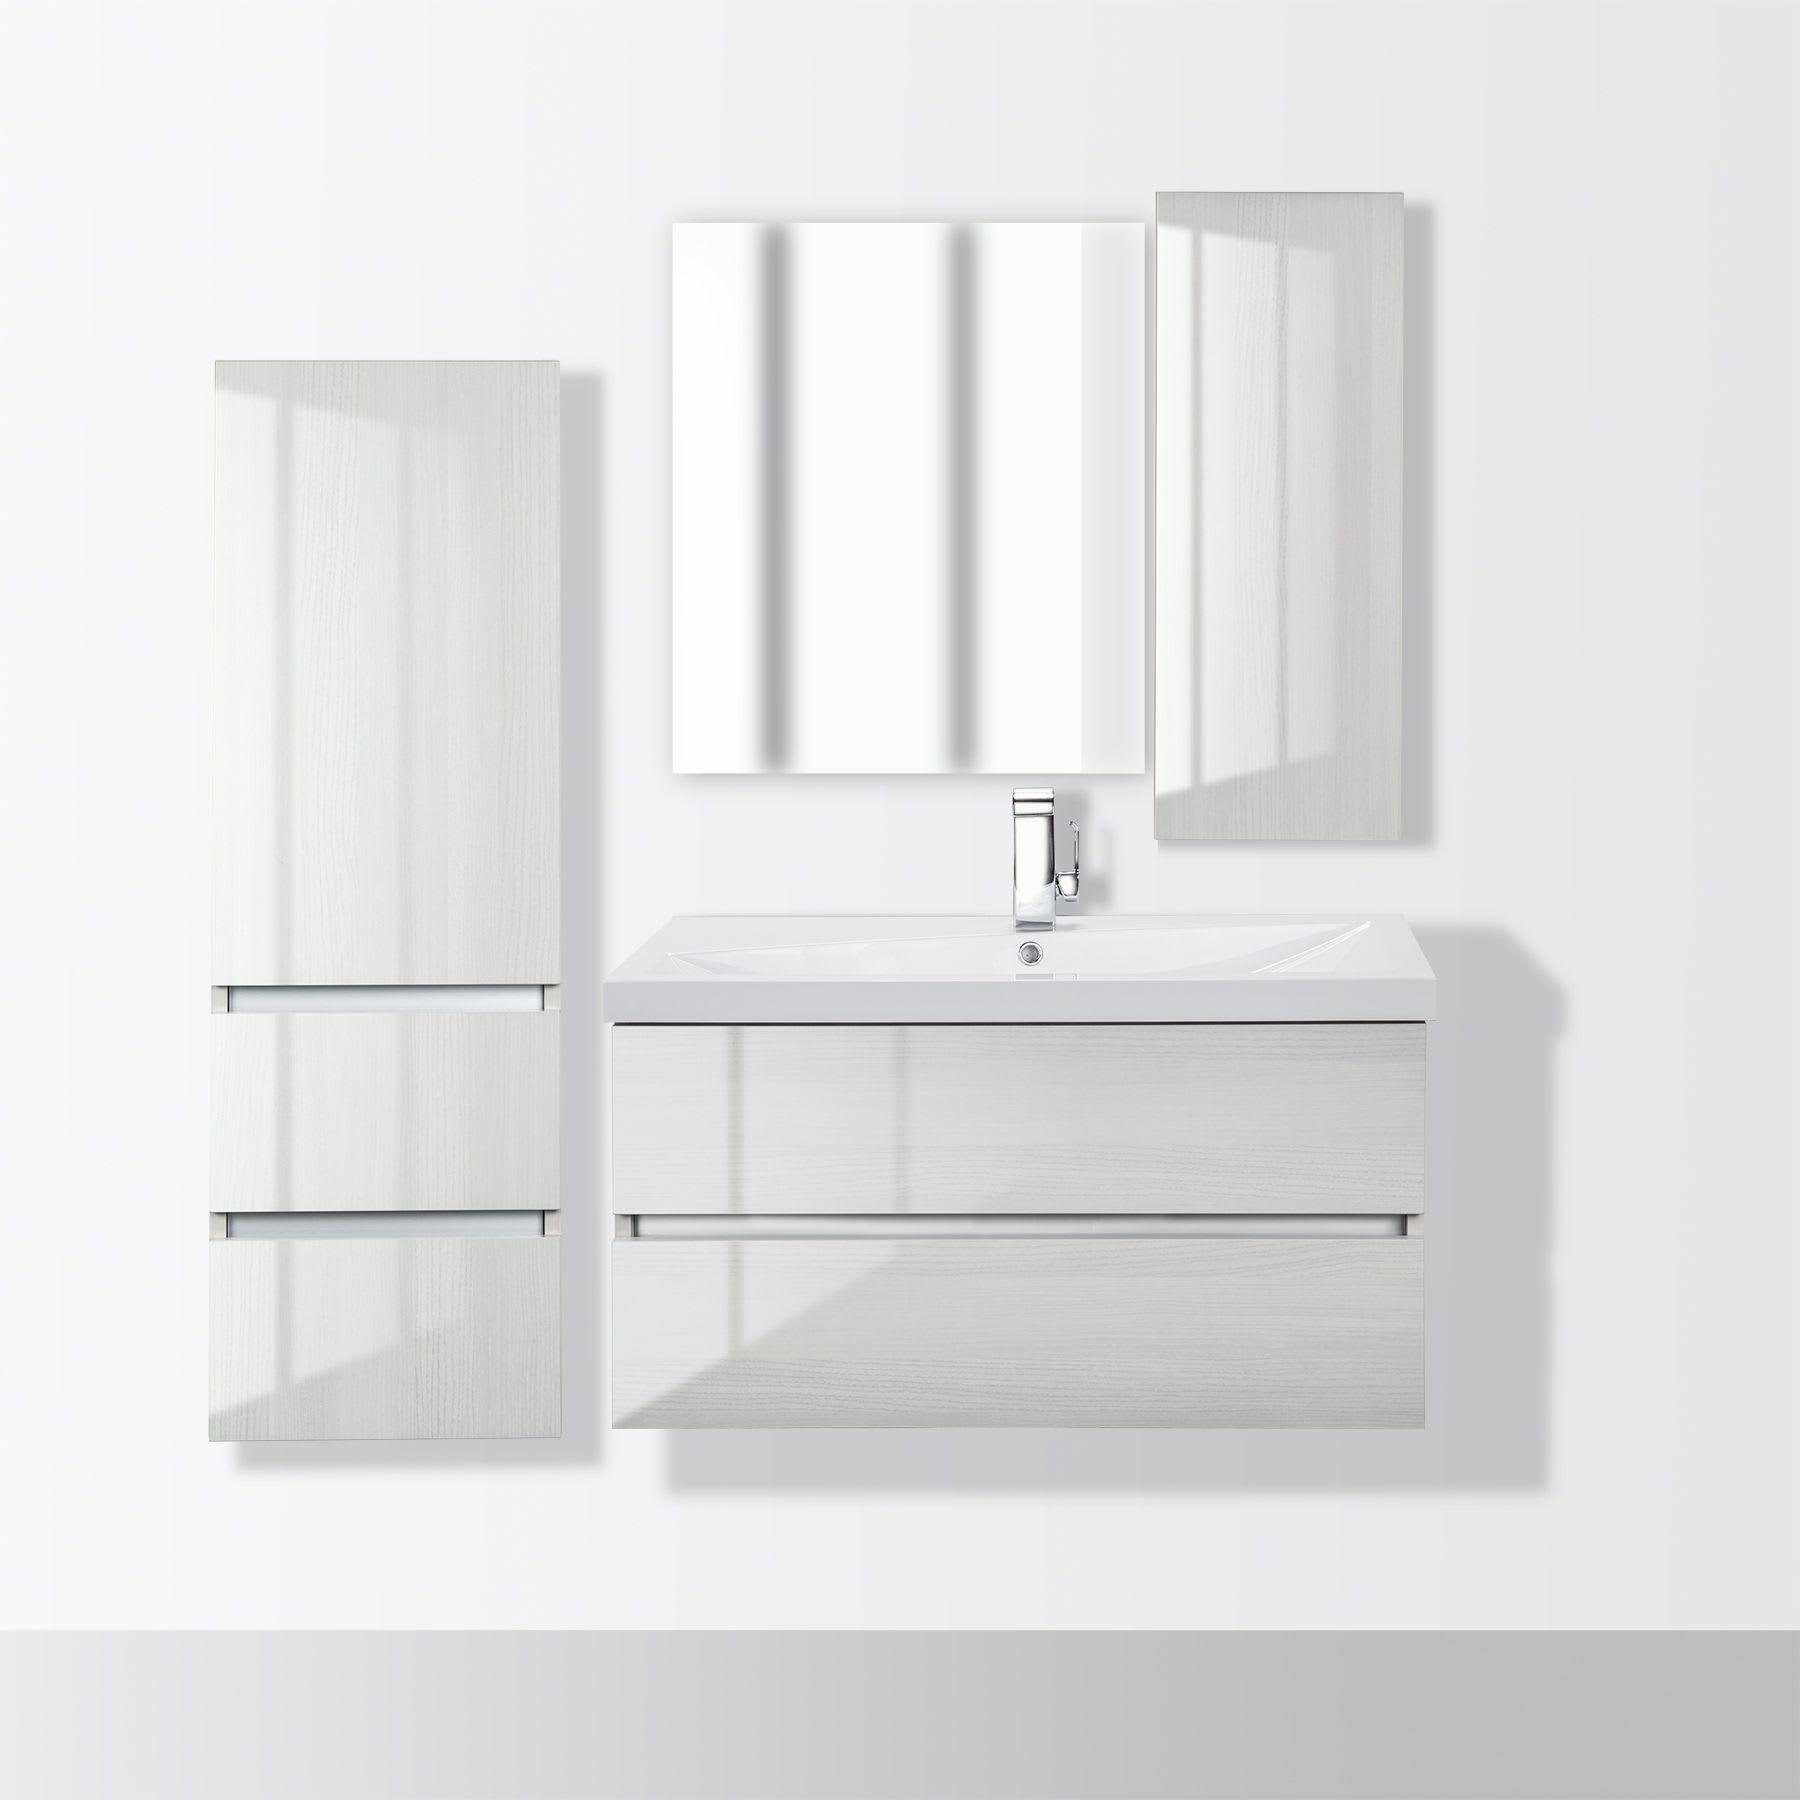 room enjoyable new bath basement awaits collection textures cutler a kitchen inspiring